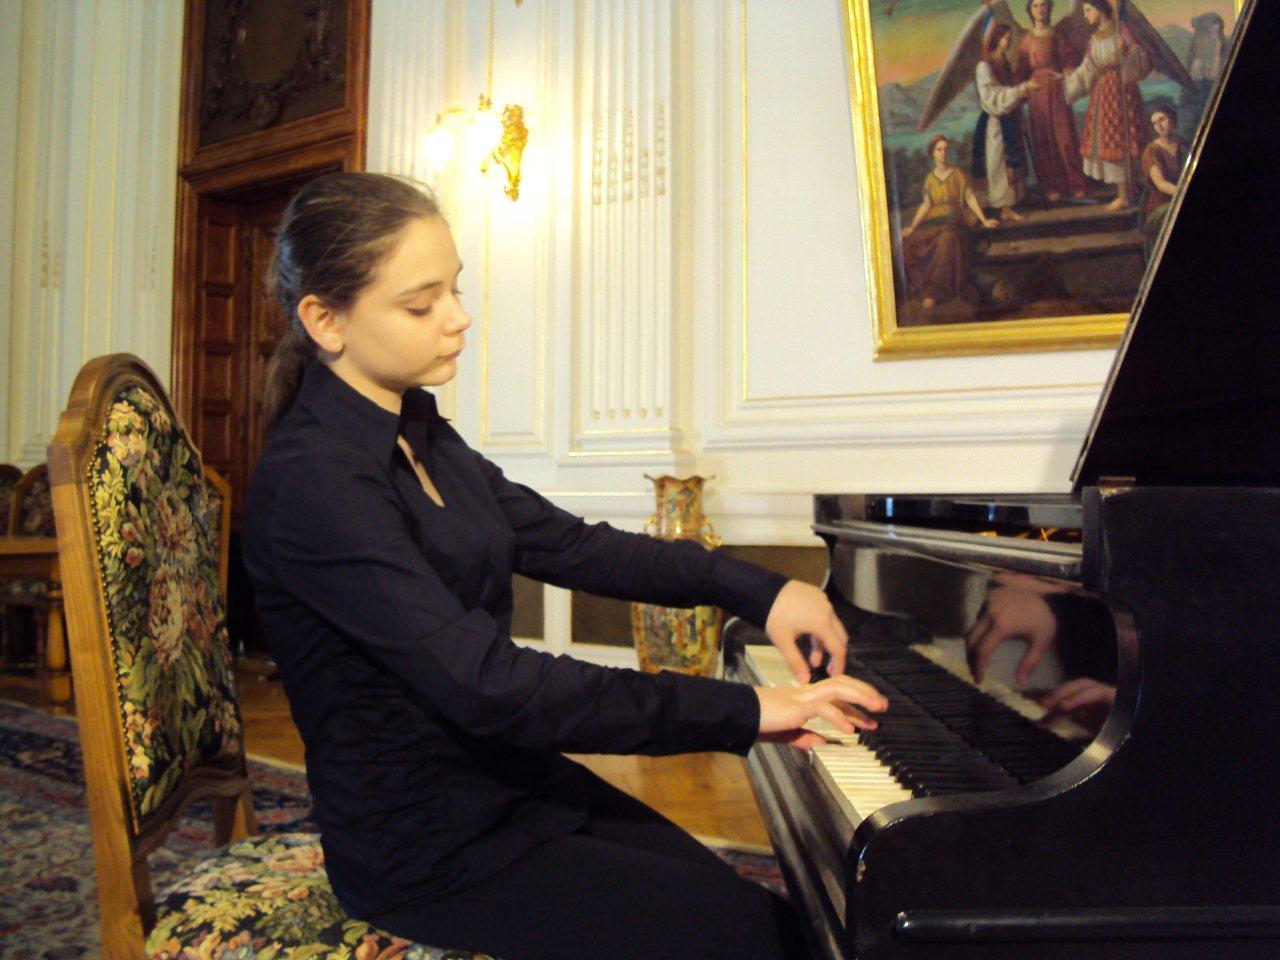 Palatul Patriarhiei Române, 2010